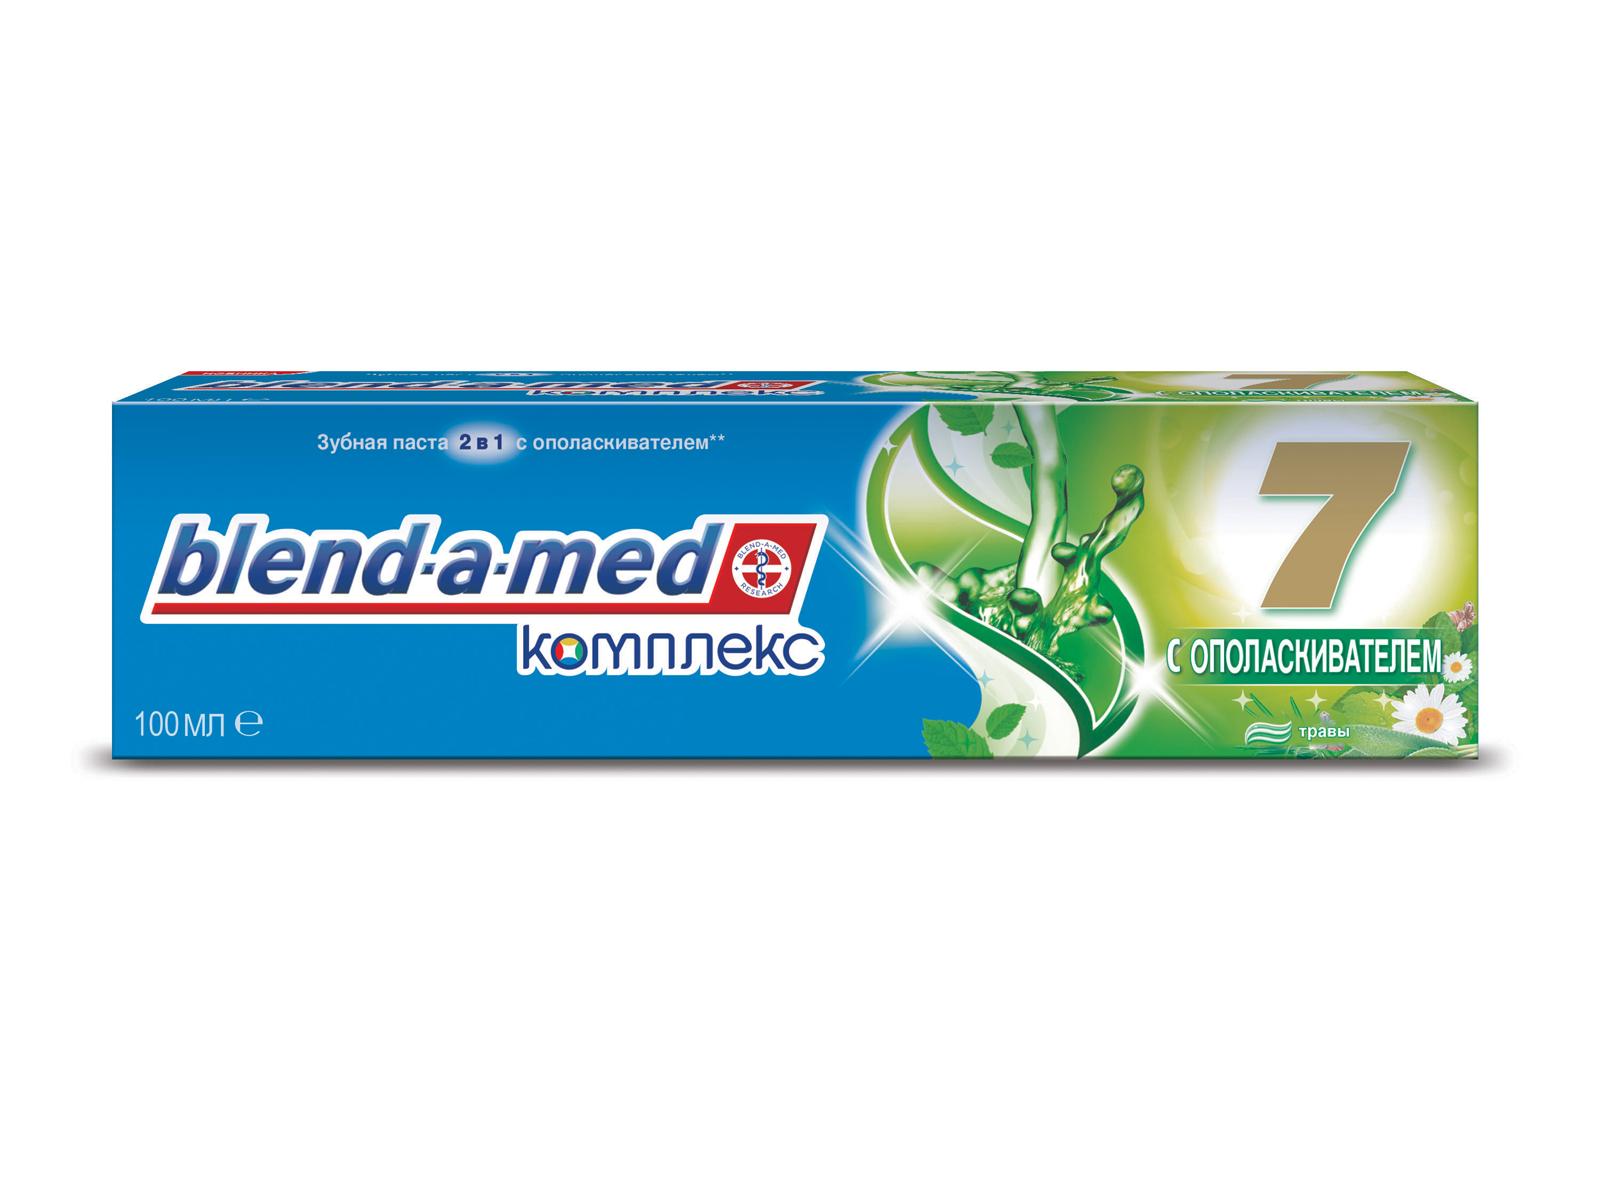 Blend-a-med Зубная паста Комплекс 7 Травы с ополаскивателем, 100 млBM-81417586Дары природы и новейшие технологии по уходу за деснами! Blend-a-med Комплекс 7 + Травы: - Объединяет дары природы и новейшие технологии Blend-a-med. - Содержит экстракты шалфея, ромашки, мелиссы, розмарина и мяты для активного ухода за деснами. Зубные пасты Blend-a-med Комплекс 7 защищают по семи признакам: - Бактериальный налет. - Кариес зубов. - Проблемы дёсен. - Кариес корня. - Зубной камень. - Тёмный налёт. - Несвежее дыхание. Комплекс 7 обеспечивает быструю, простую и легкую защиту всей полости рта, и вы можете наслаждаться жизнью, не беспокоясь о здоровье ваших зубов! Ощутите бодрящий эффект травяного сбора из семян аниса, эвкалипта и мяты в Blend-a-med Комплекс 7 + Травы. Blend-a-med рекомендует использовать зубную пасту Комплекс 7 + Травы с зубной щеткой Oral-B Комплекс.. Попробуйте новый Blend-a-med Комплекс 7 Травы с ополаскивателем. - Обеспечивает качественный уход за здоровьем полости рта. - Комплексная защита всё полости рта. - При регулярном применении помогает...